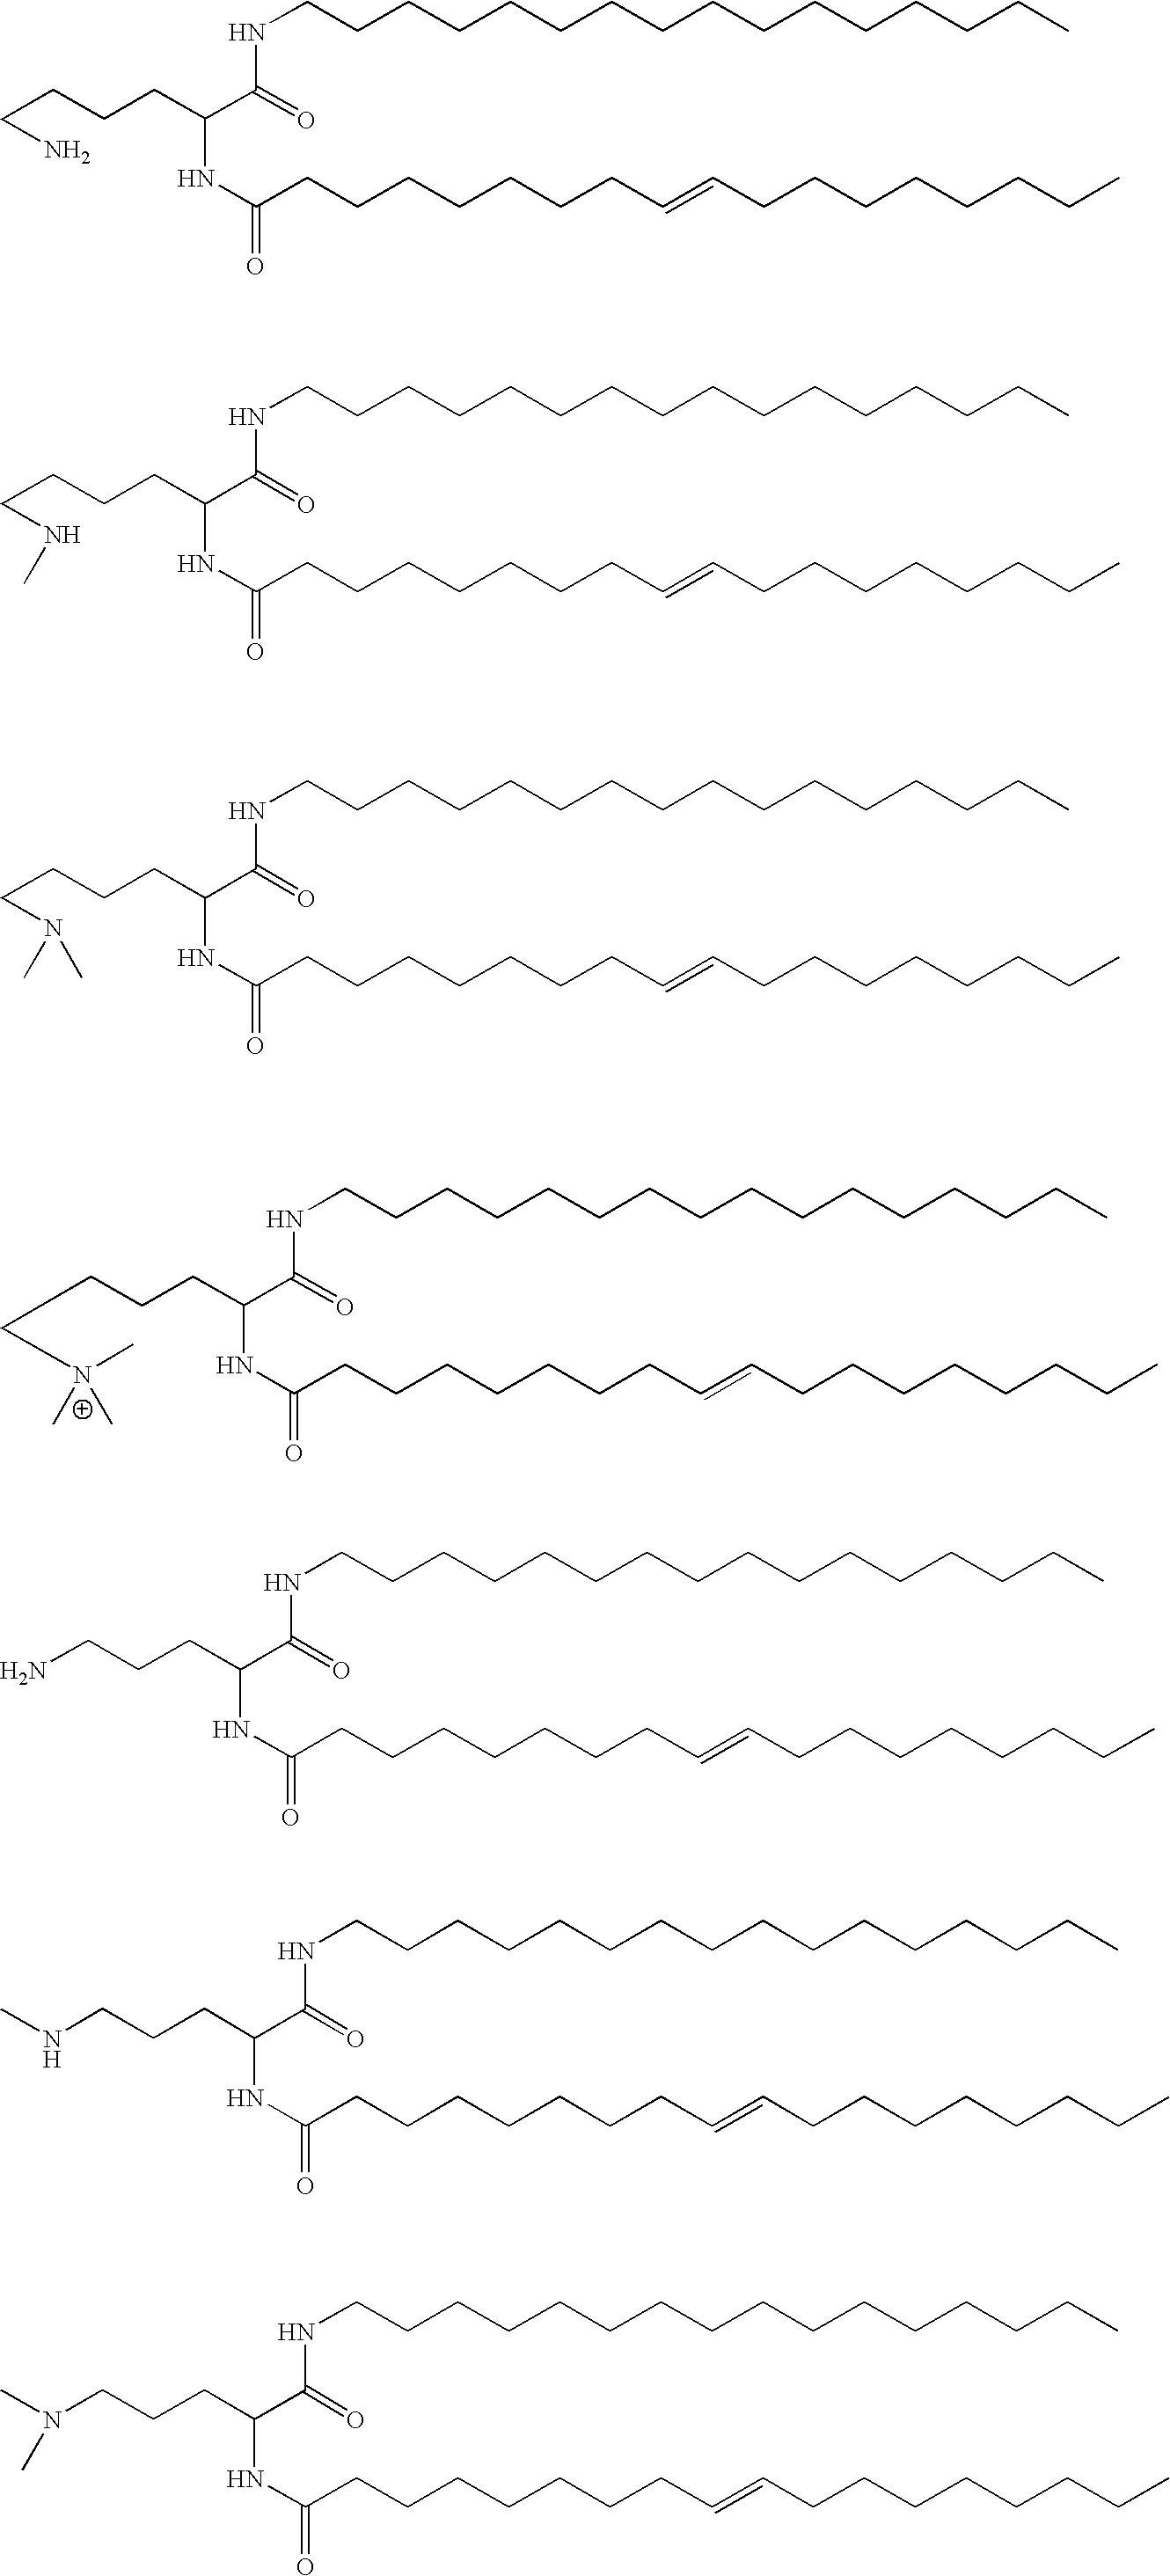 Figure US20100112042A1-20100506-C00015